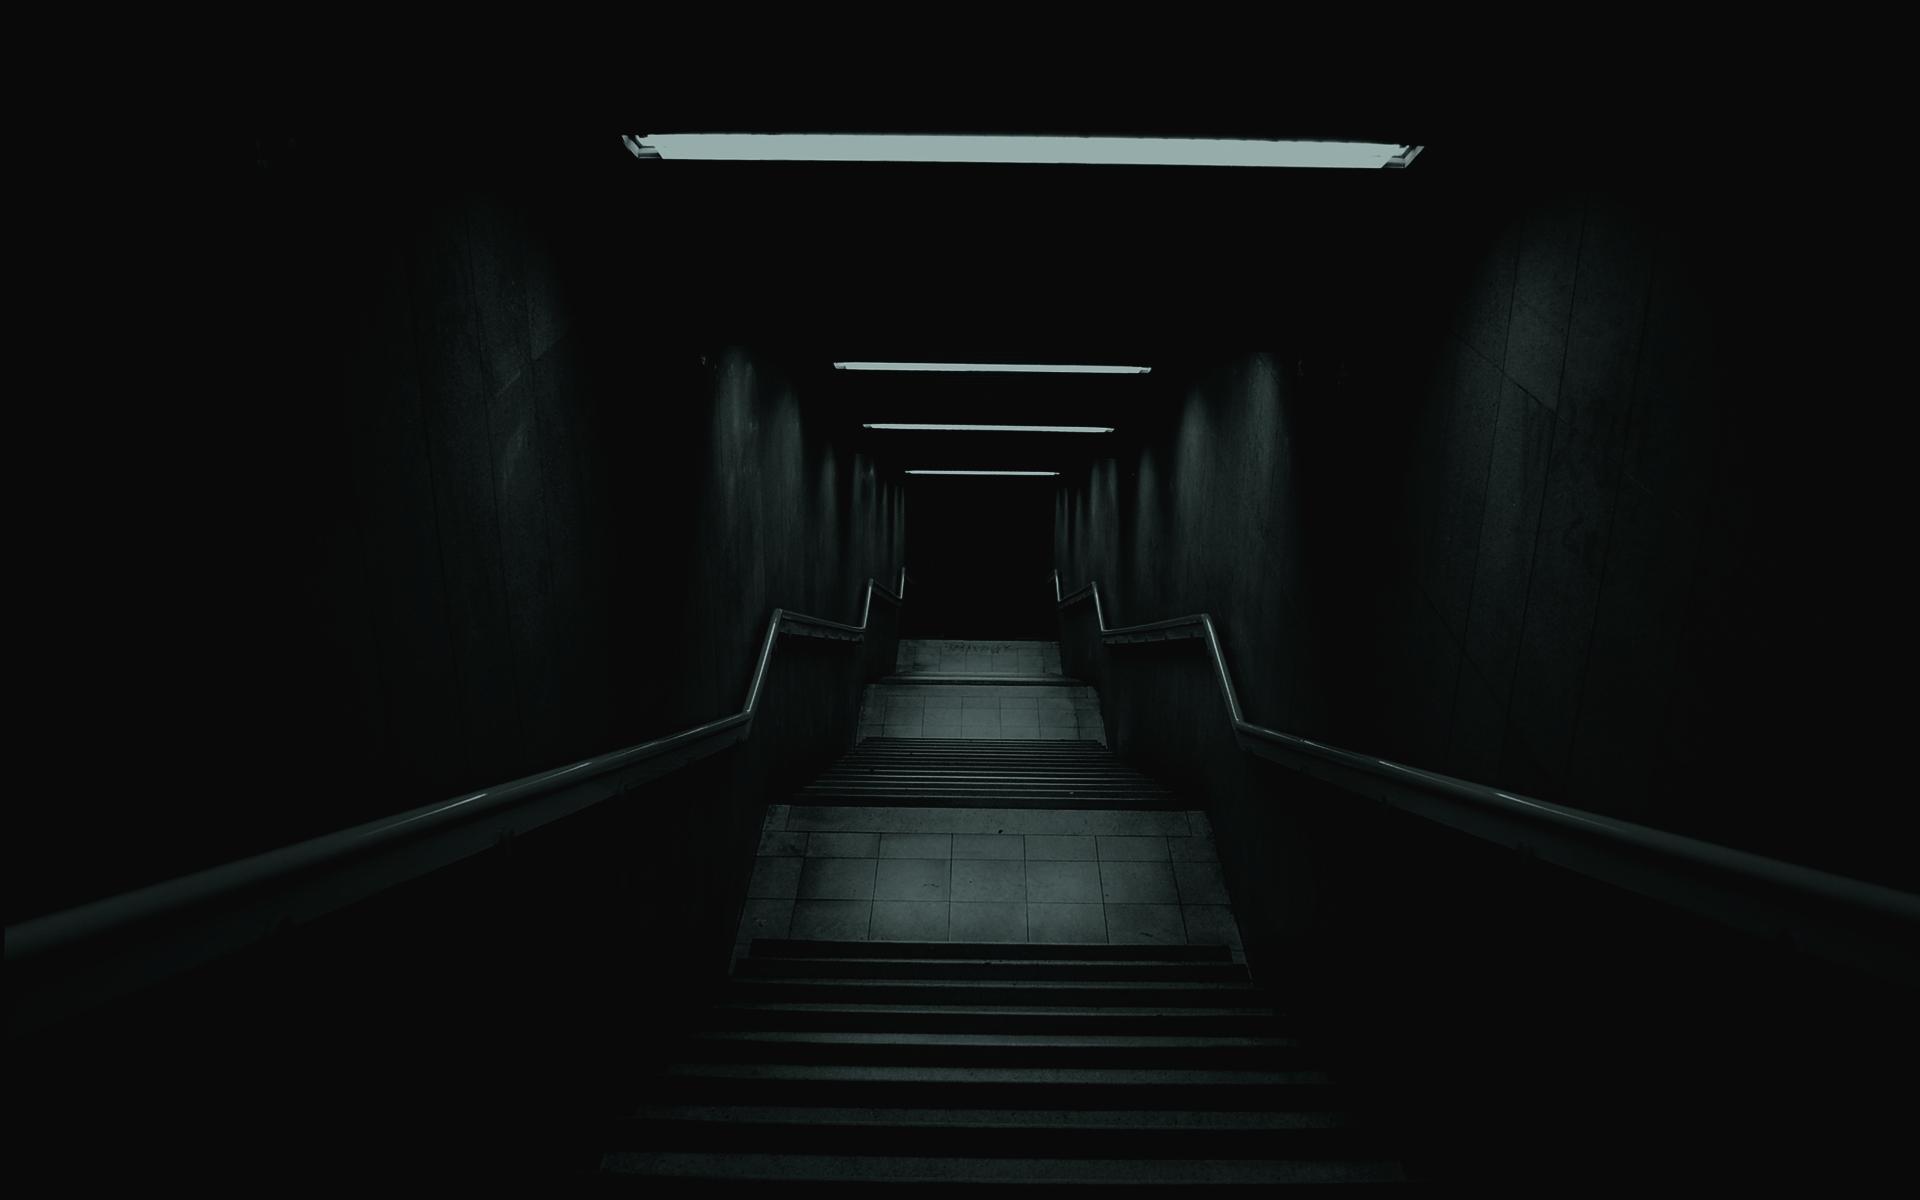 Desktop Wallpaper Dark 1920x1200